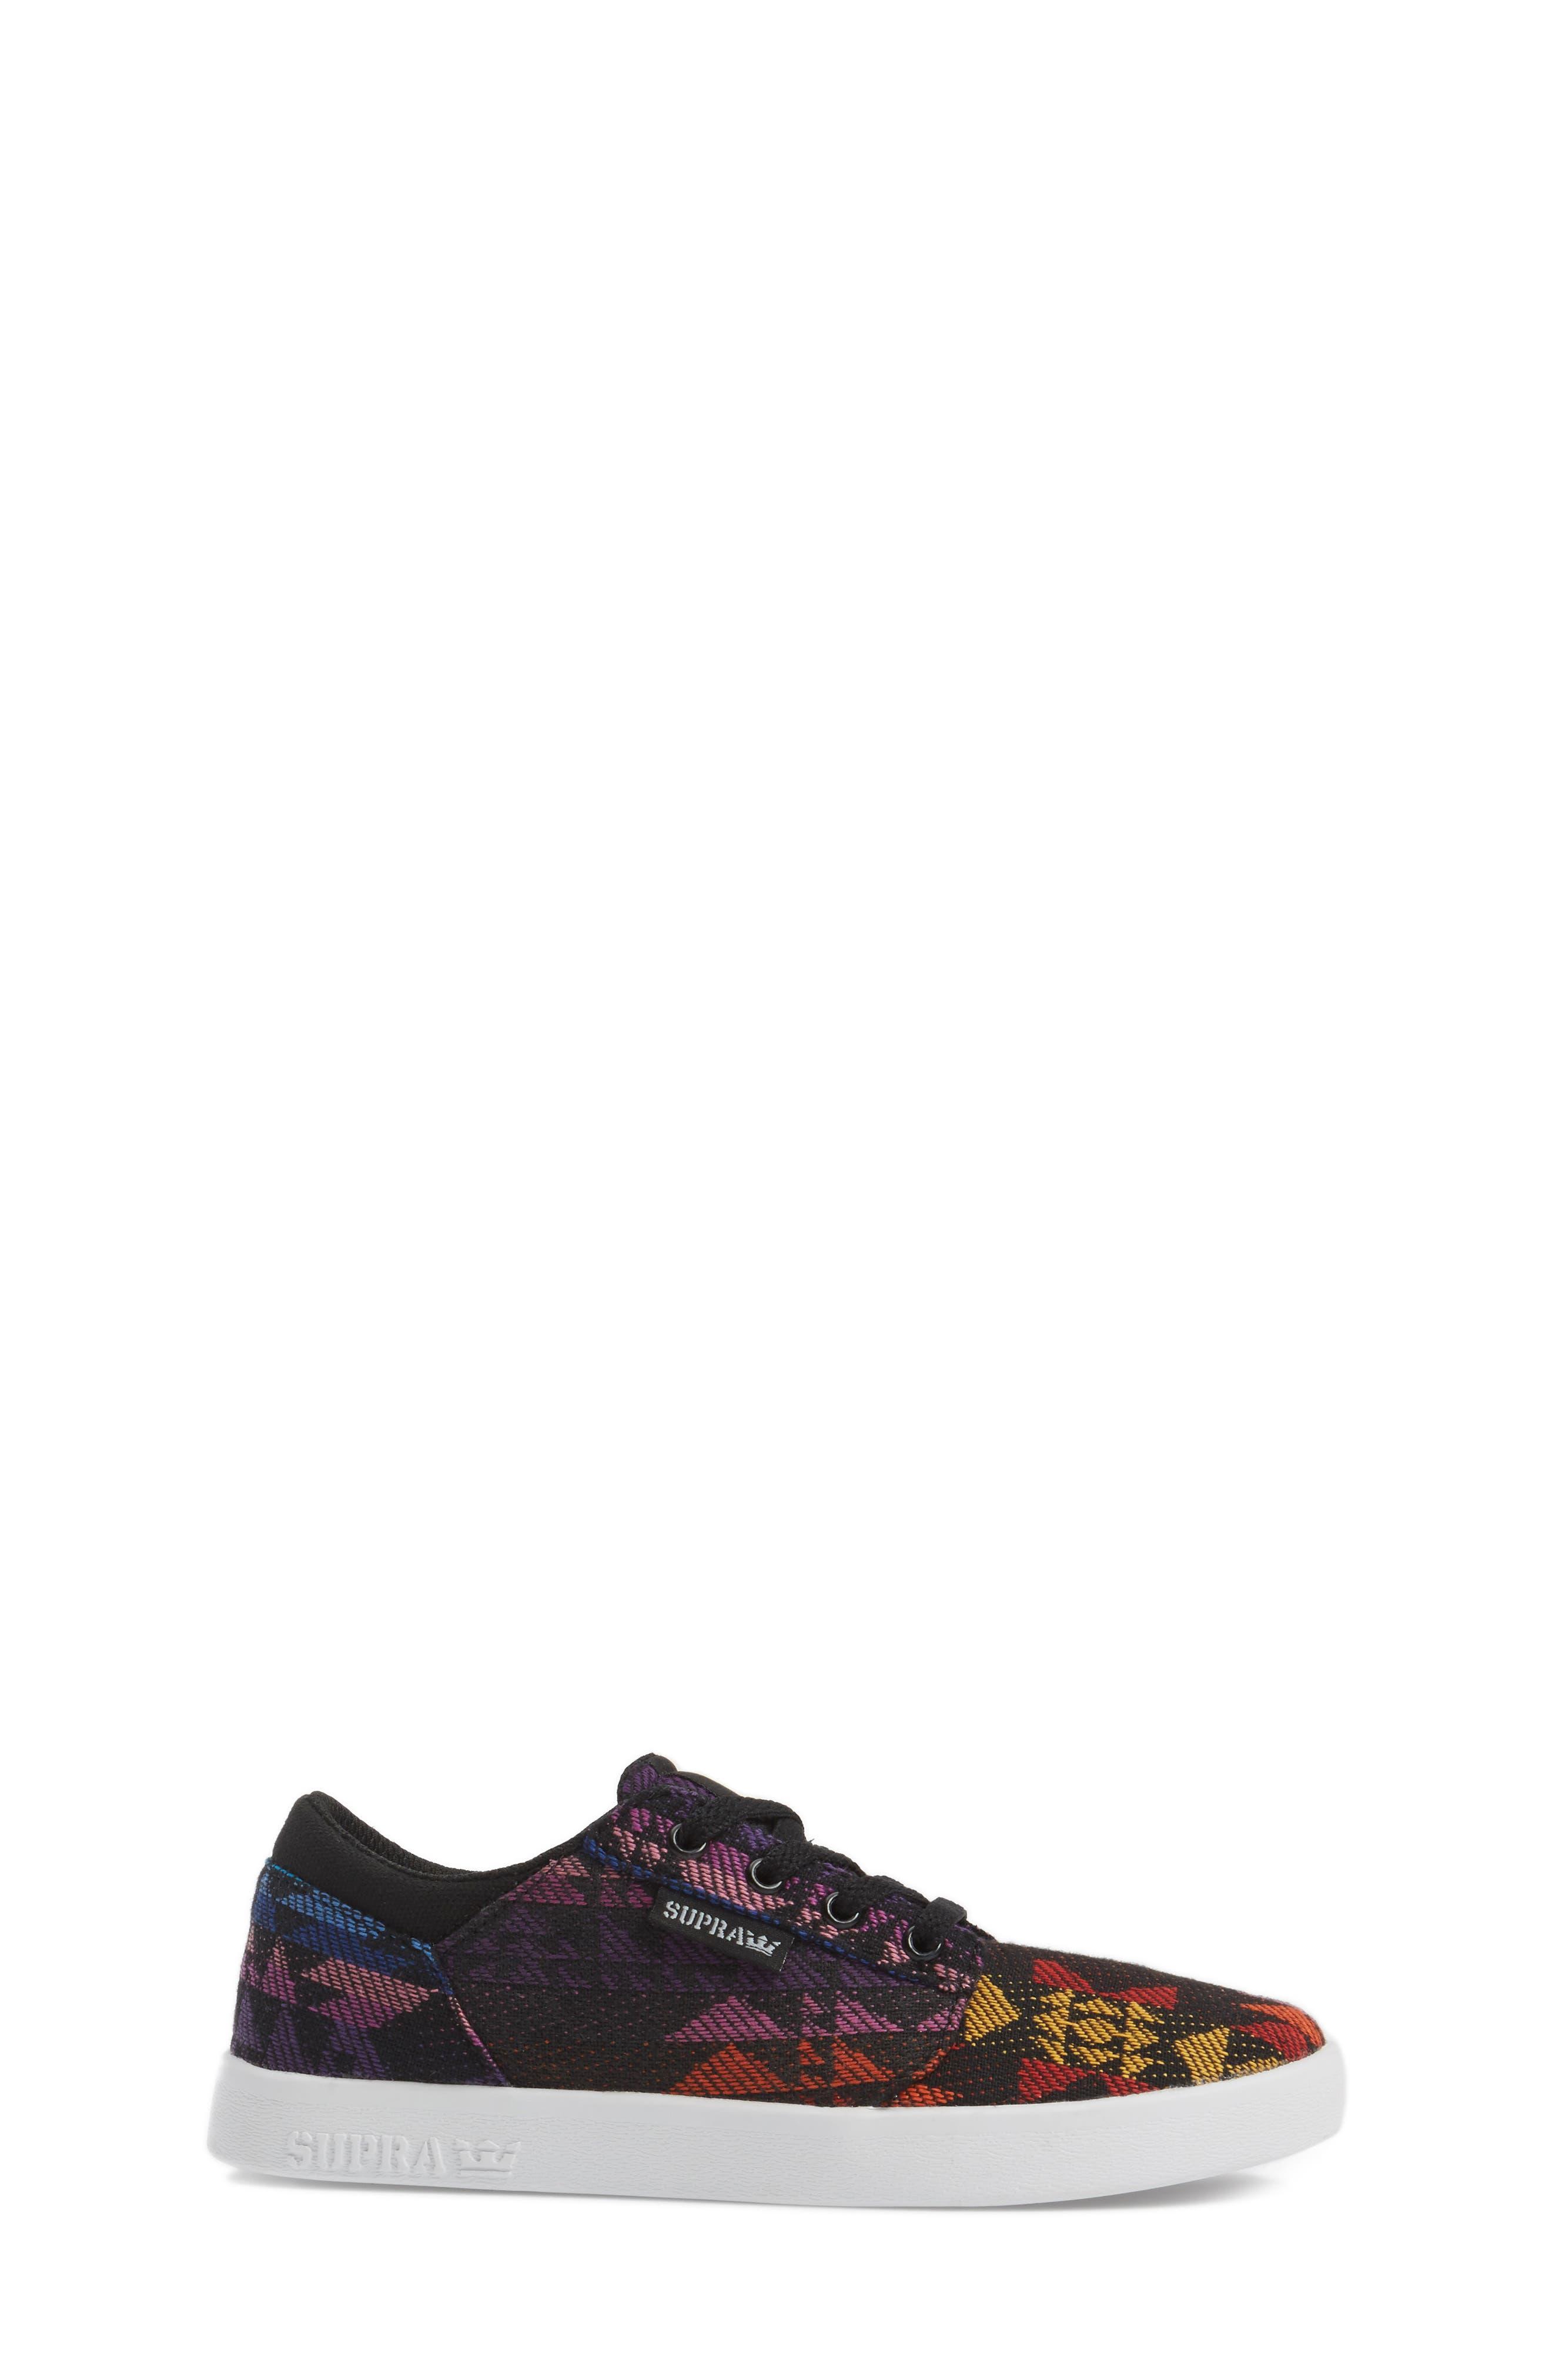 Yorek Low Top Sneaker,                             Alternate thumbnail 3, color,